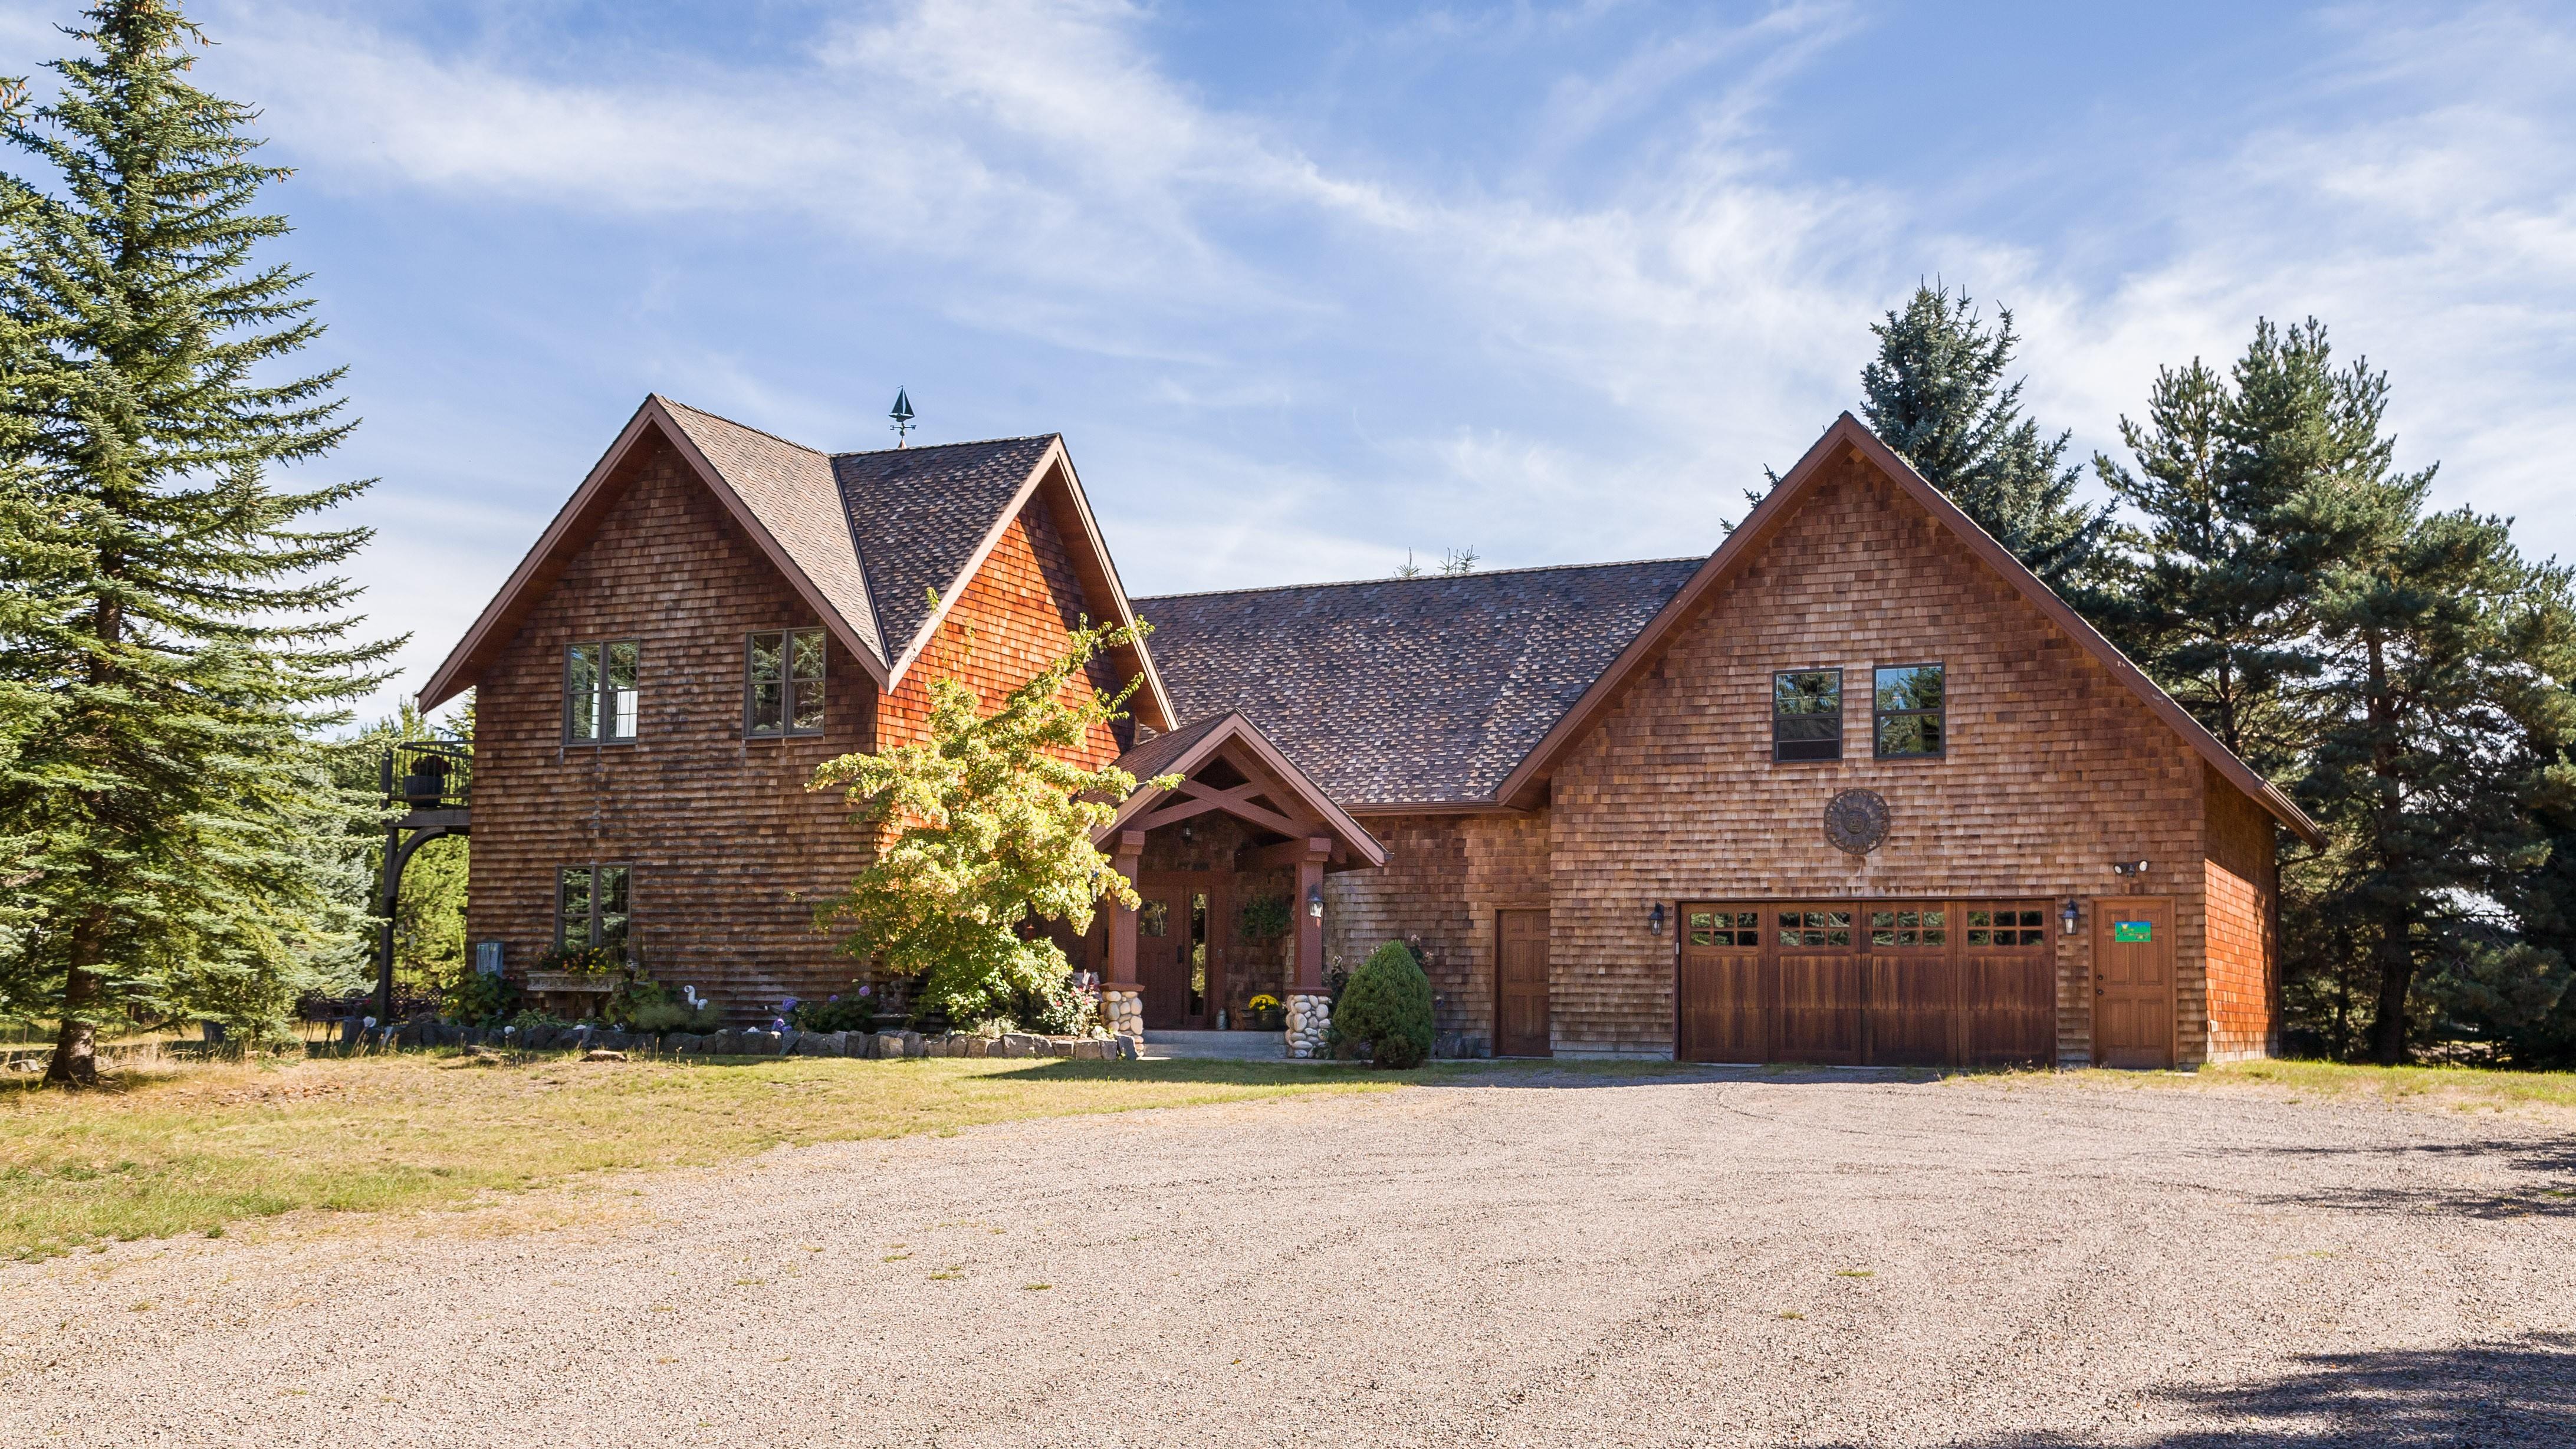 Villa per Vendita alle ore 1310 Mccaffery Rd , Bigfork, MT 59911 1310 Mccaffery Rd Bigfork, Montana, 59911 Stati Uniti